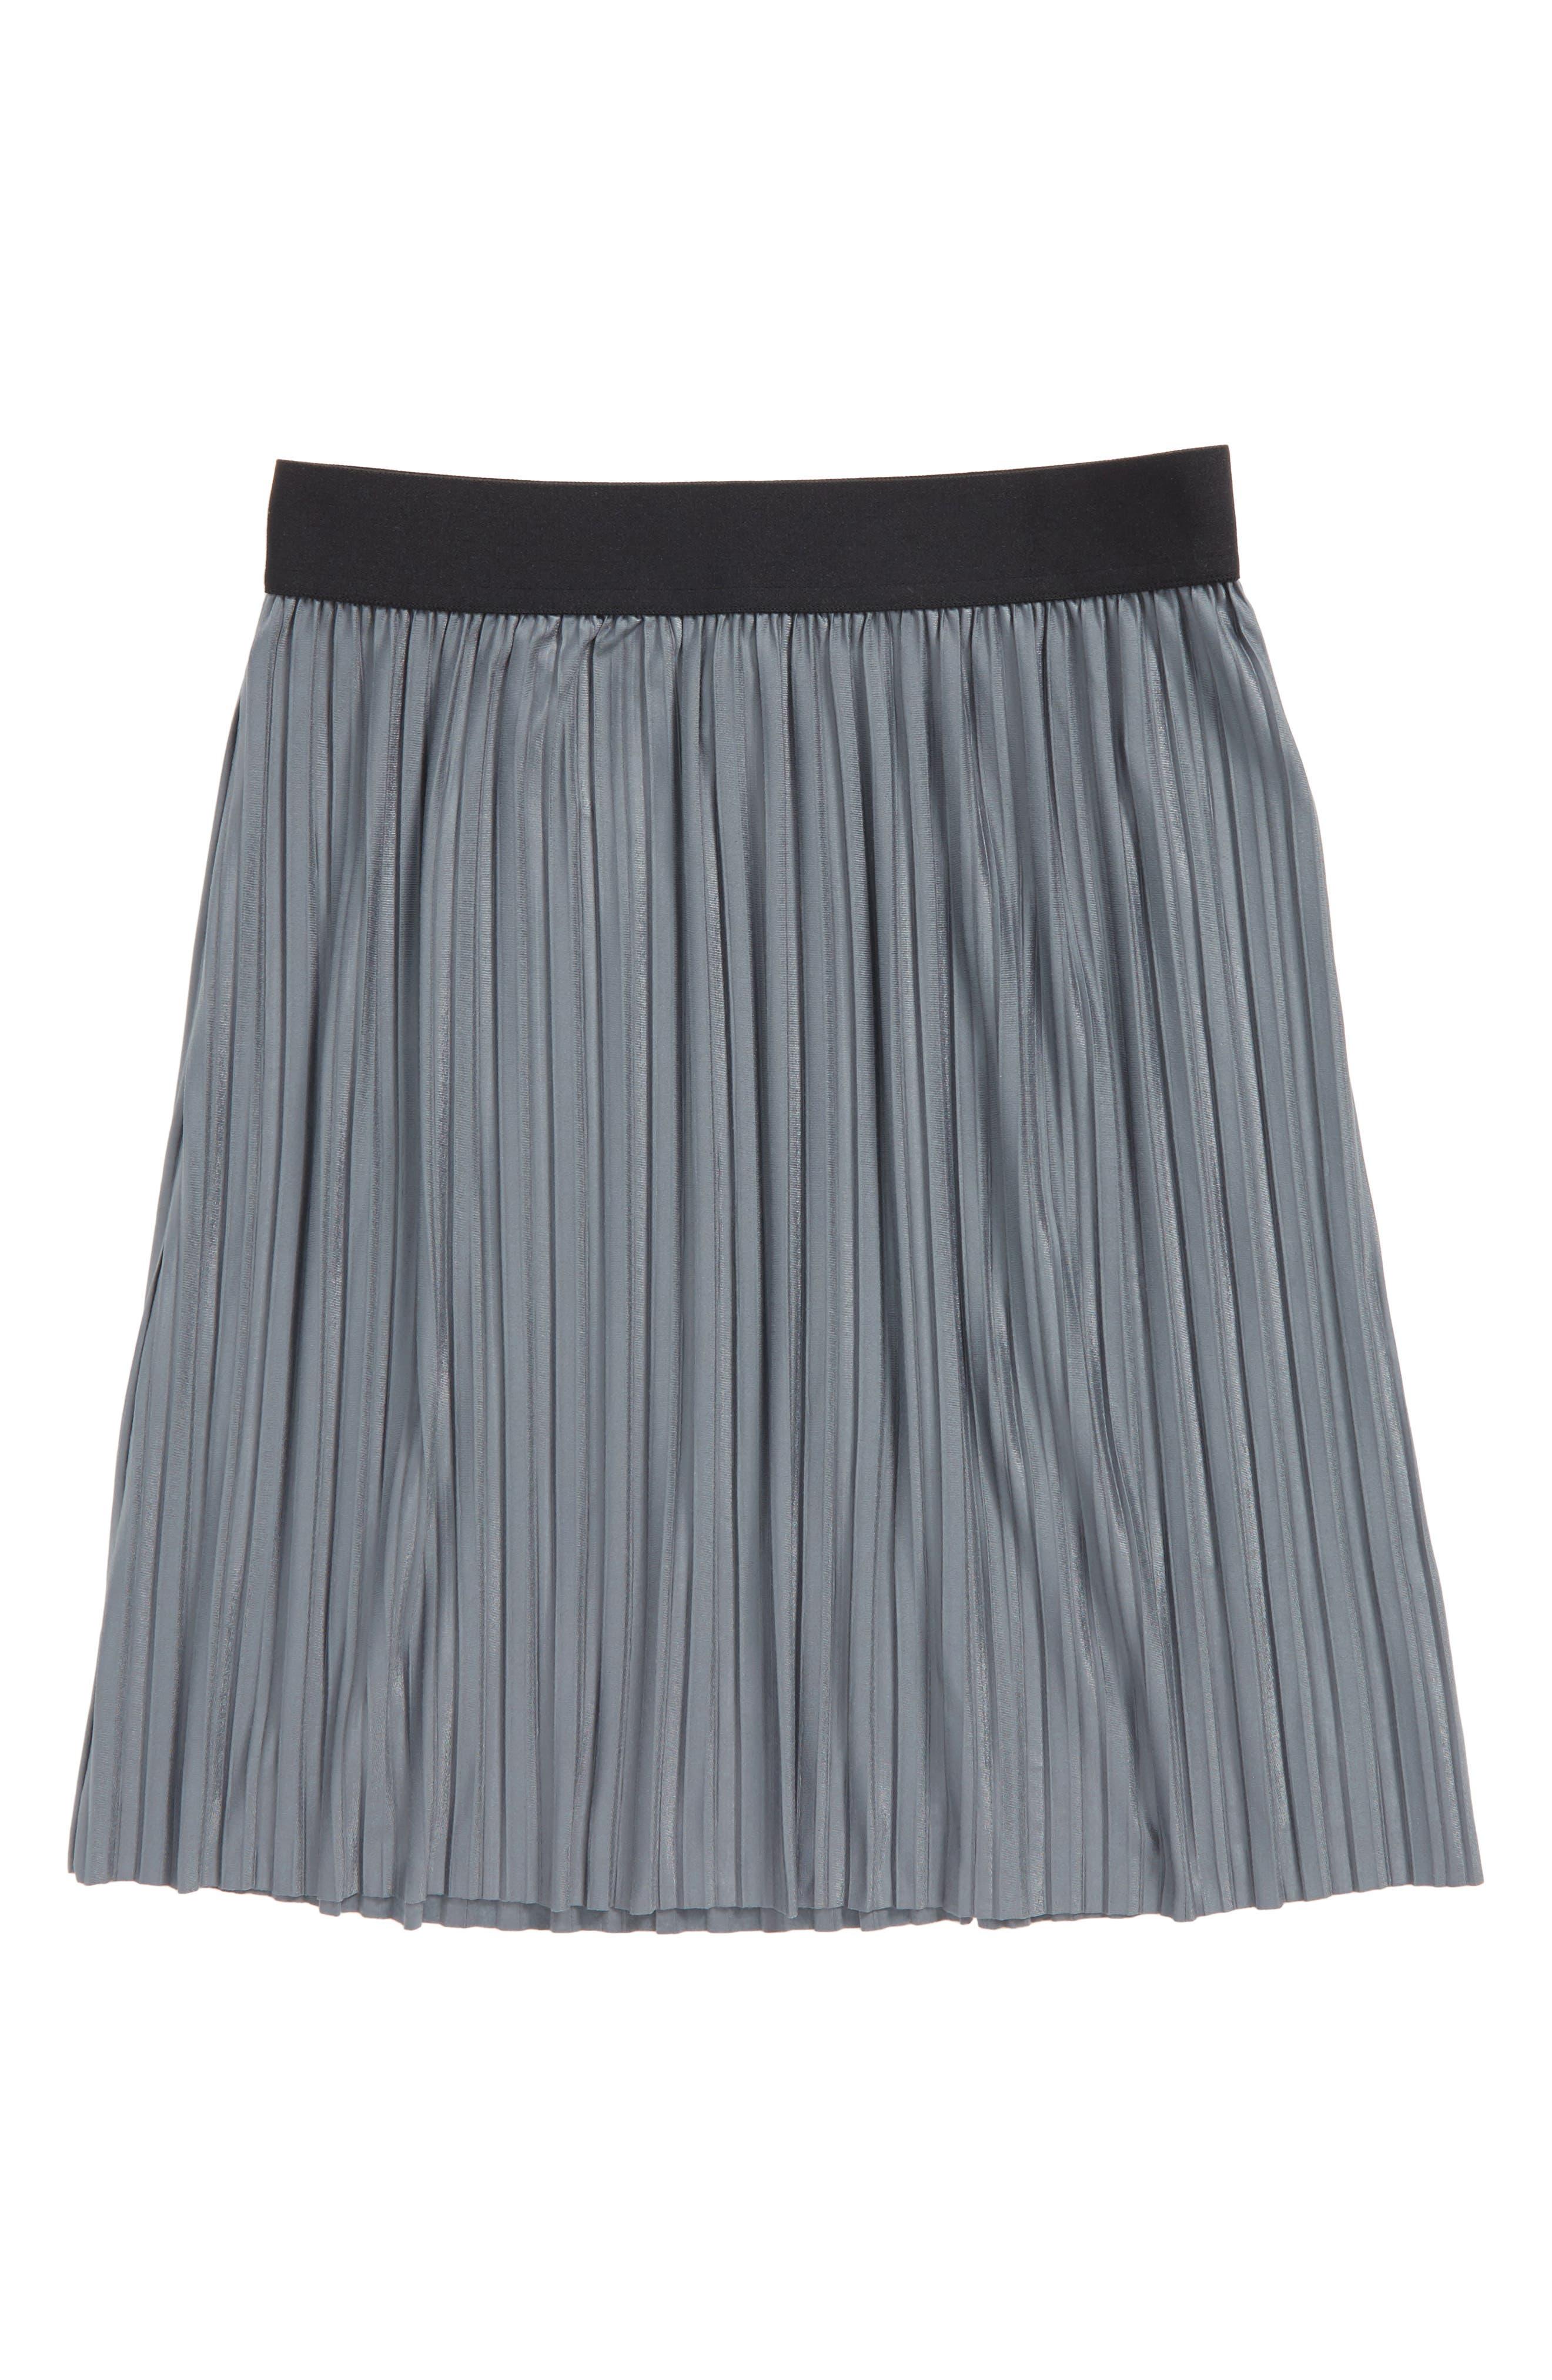 Pleated Skirt,                             Main thumbnail 1, color,                             Grey Castlerock